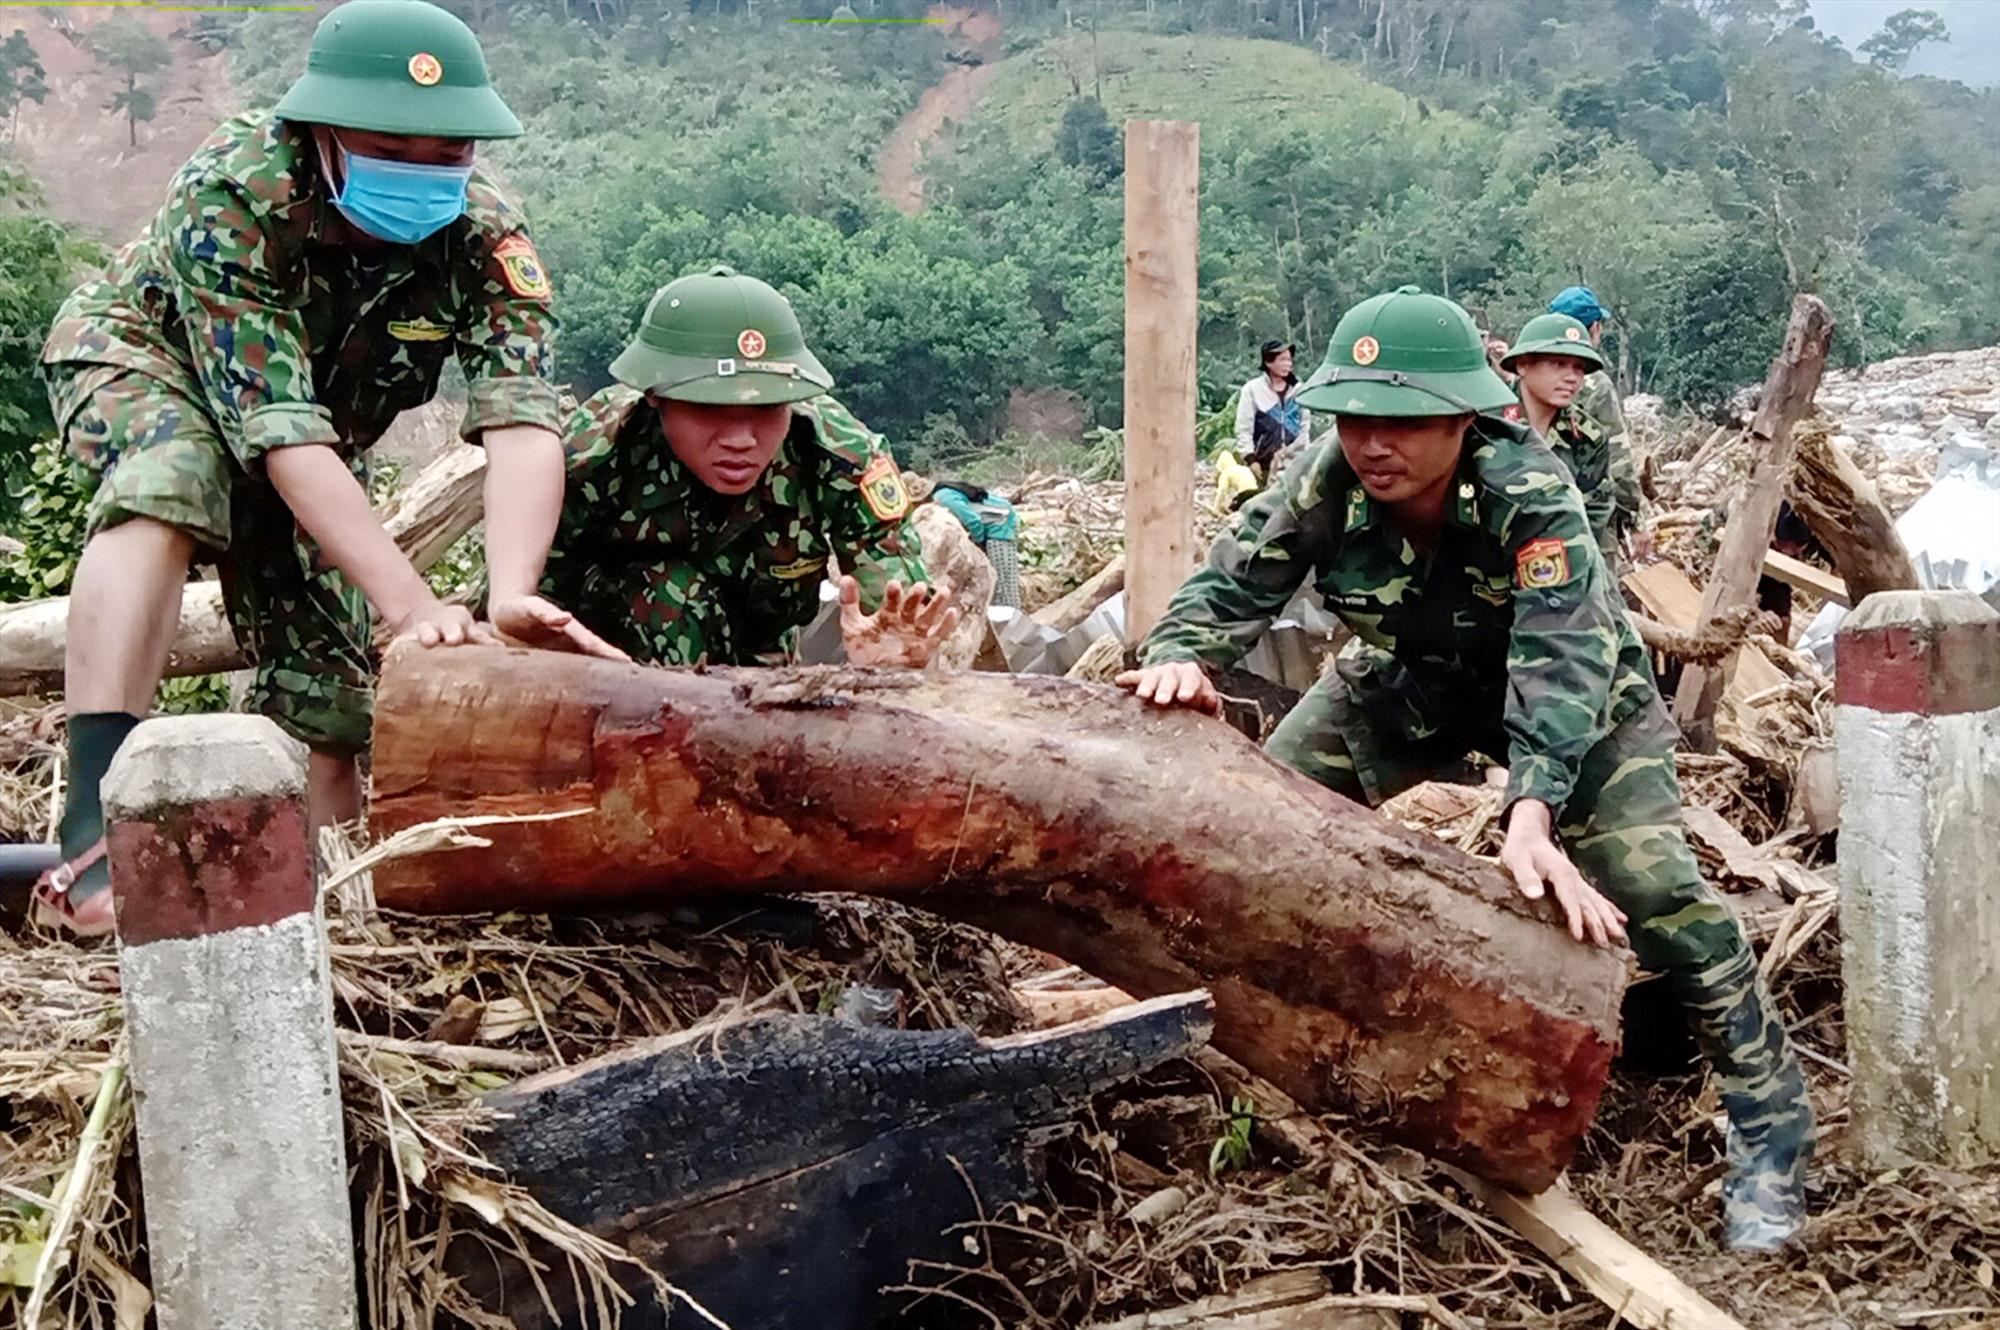 Thiếu tá Vông (bìa phải) tham gia tìm kiếm người mất tích tại hiện trường vụ sạt lở thôn 3 (xã Phước Lộc). Ảnh: H.T